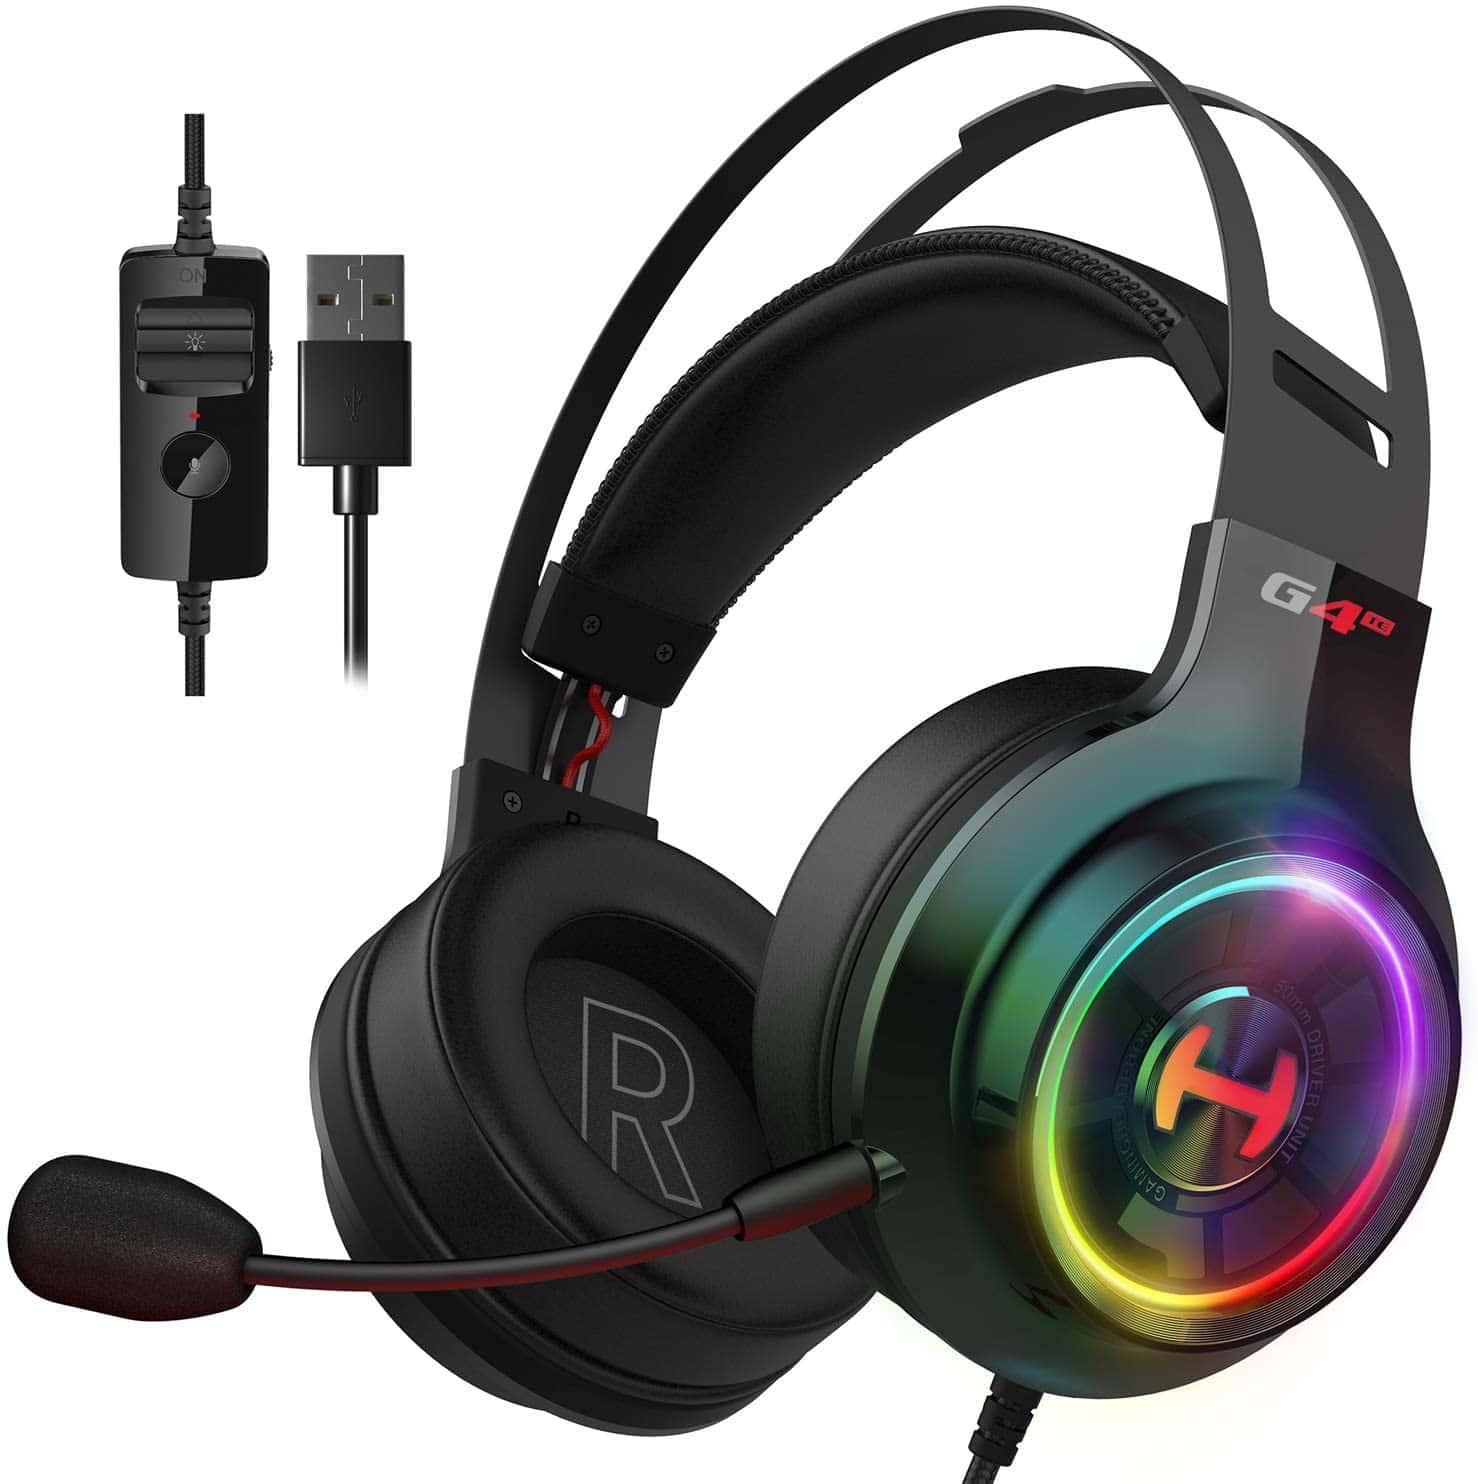 אוזניות גיימינג מקצועיות למחשב Edifier G4TE Gaming 7.1 Headset 50mm USB Black